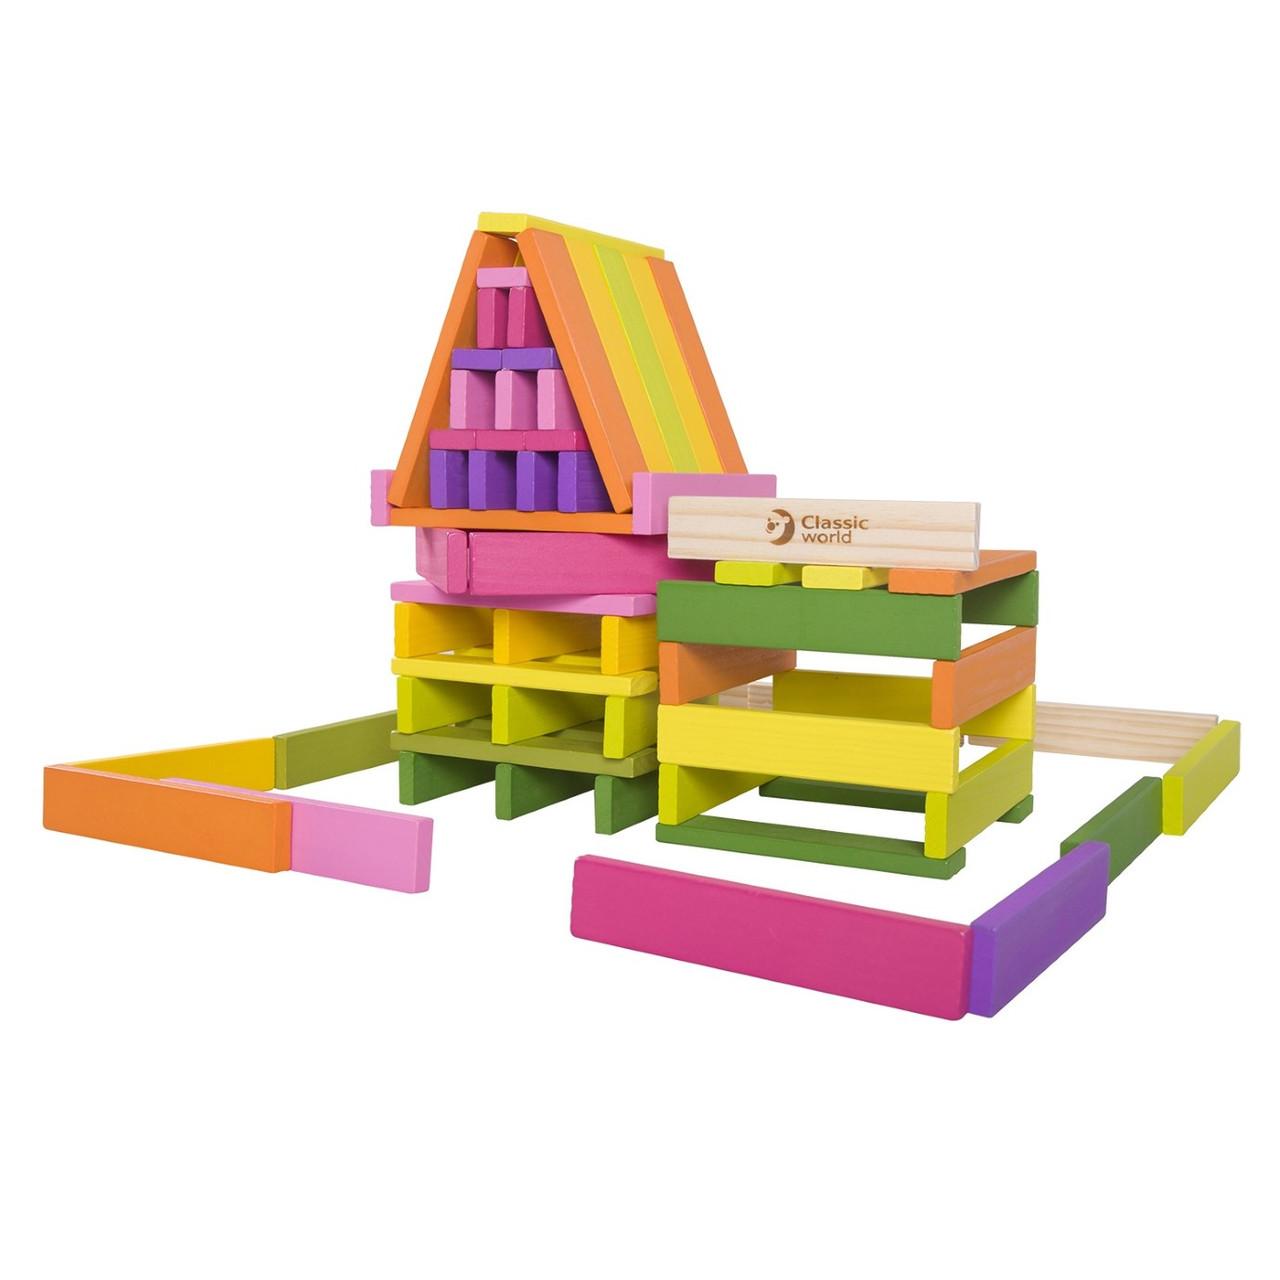 Іграшка дерев'яна  будівельні планки 100шт №3529 Classic World